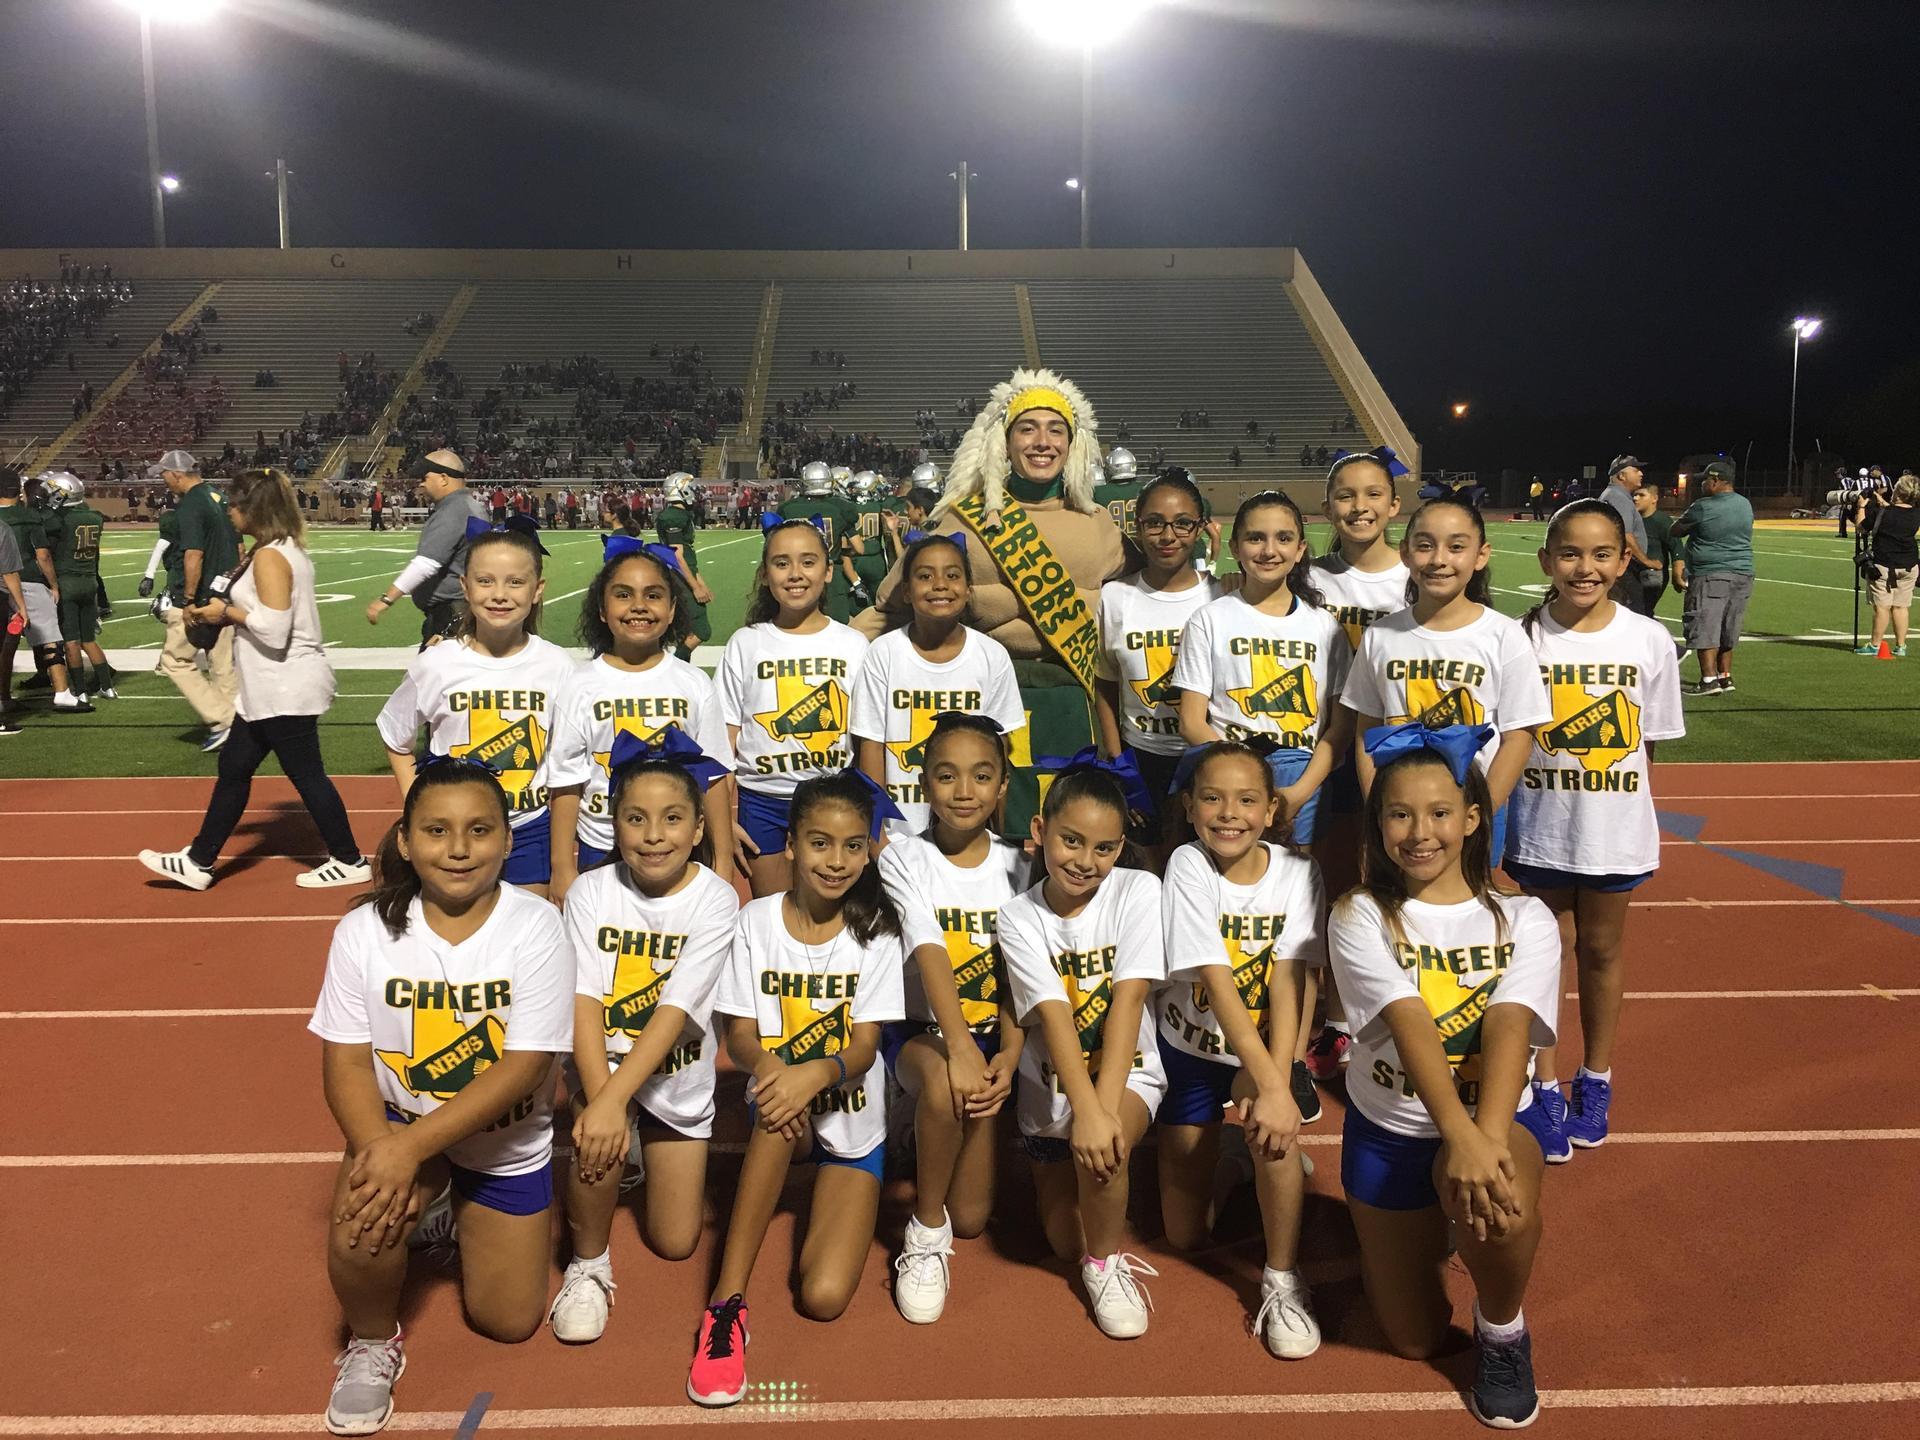 cheerleaders at game.